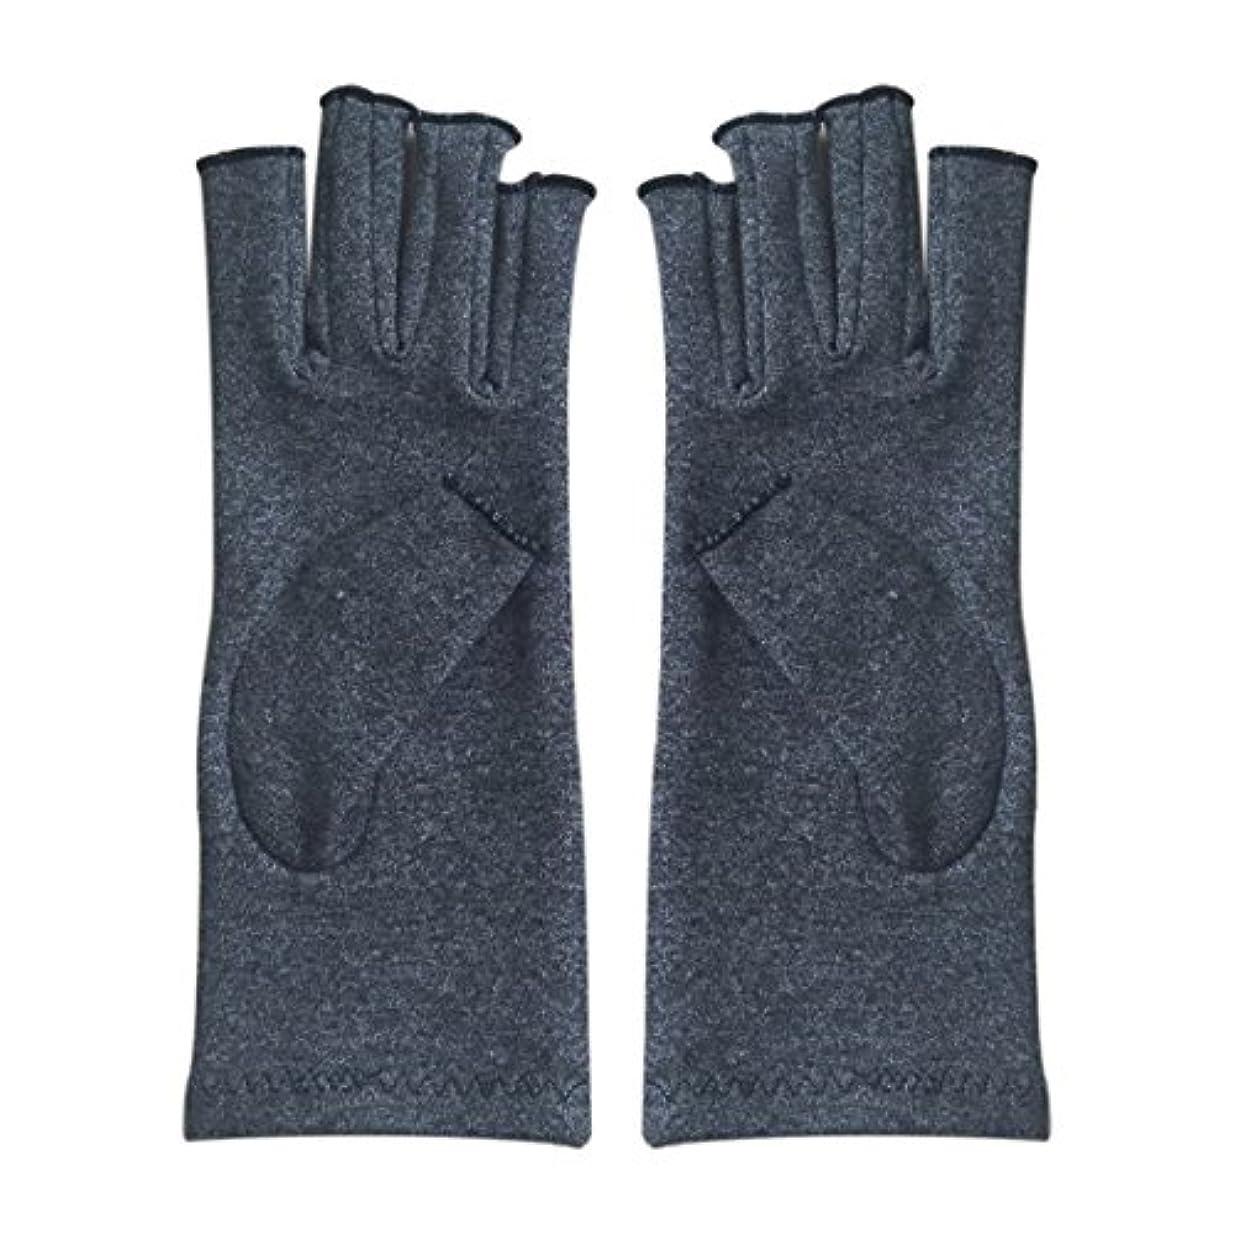 全滅させるラブどっちCikuso 1ペア成人男性女性用弾性コットンコンプレッション手袋手関節炎関節痛鎮痛軽減S -灰色、S